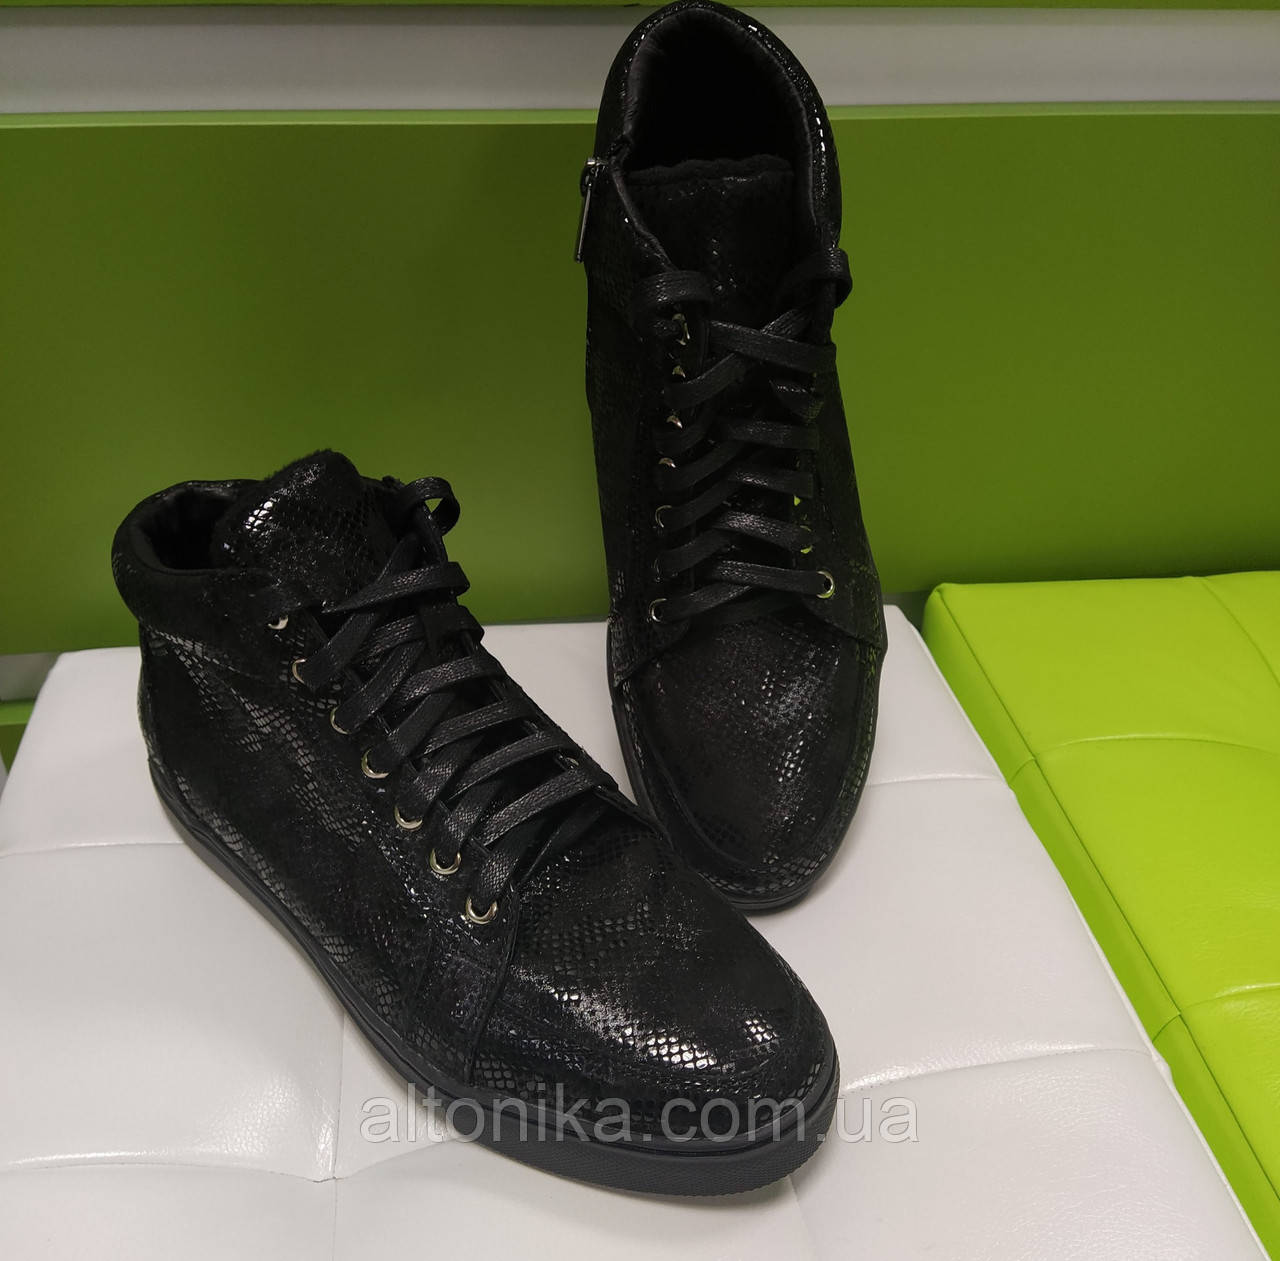 STTOPA 42р деми! Размеры 36-45!Ботинки кожаные на широкую ногу больших размеров! С9-37-4044-28-3644